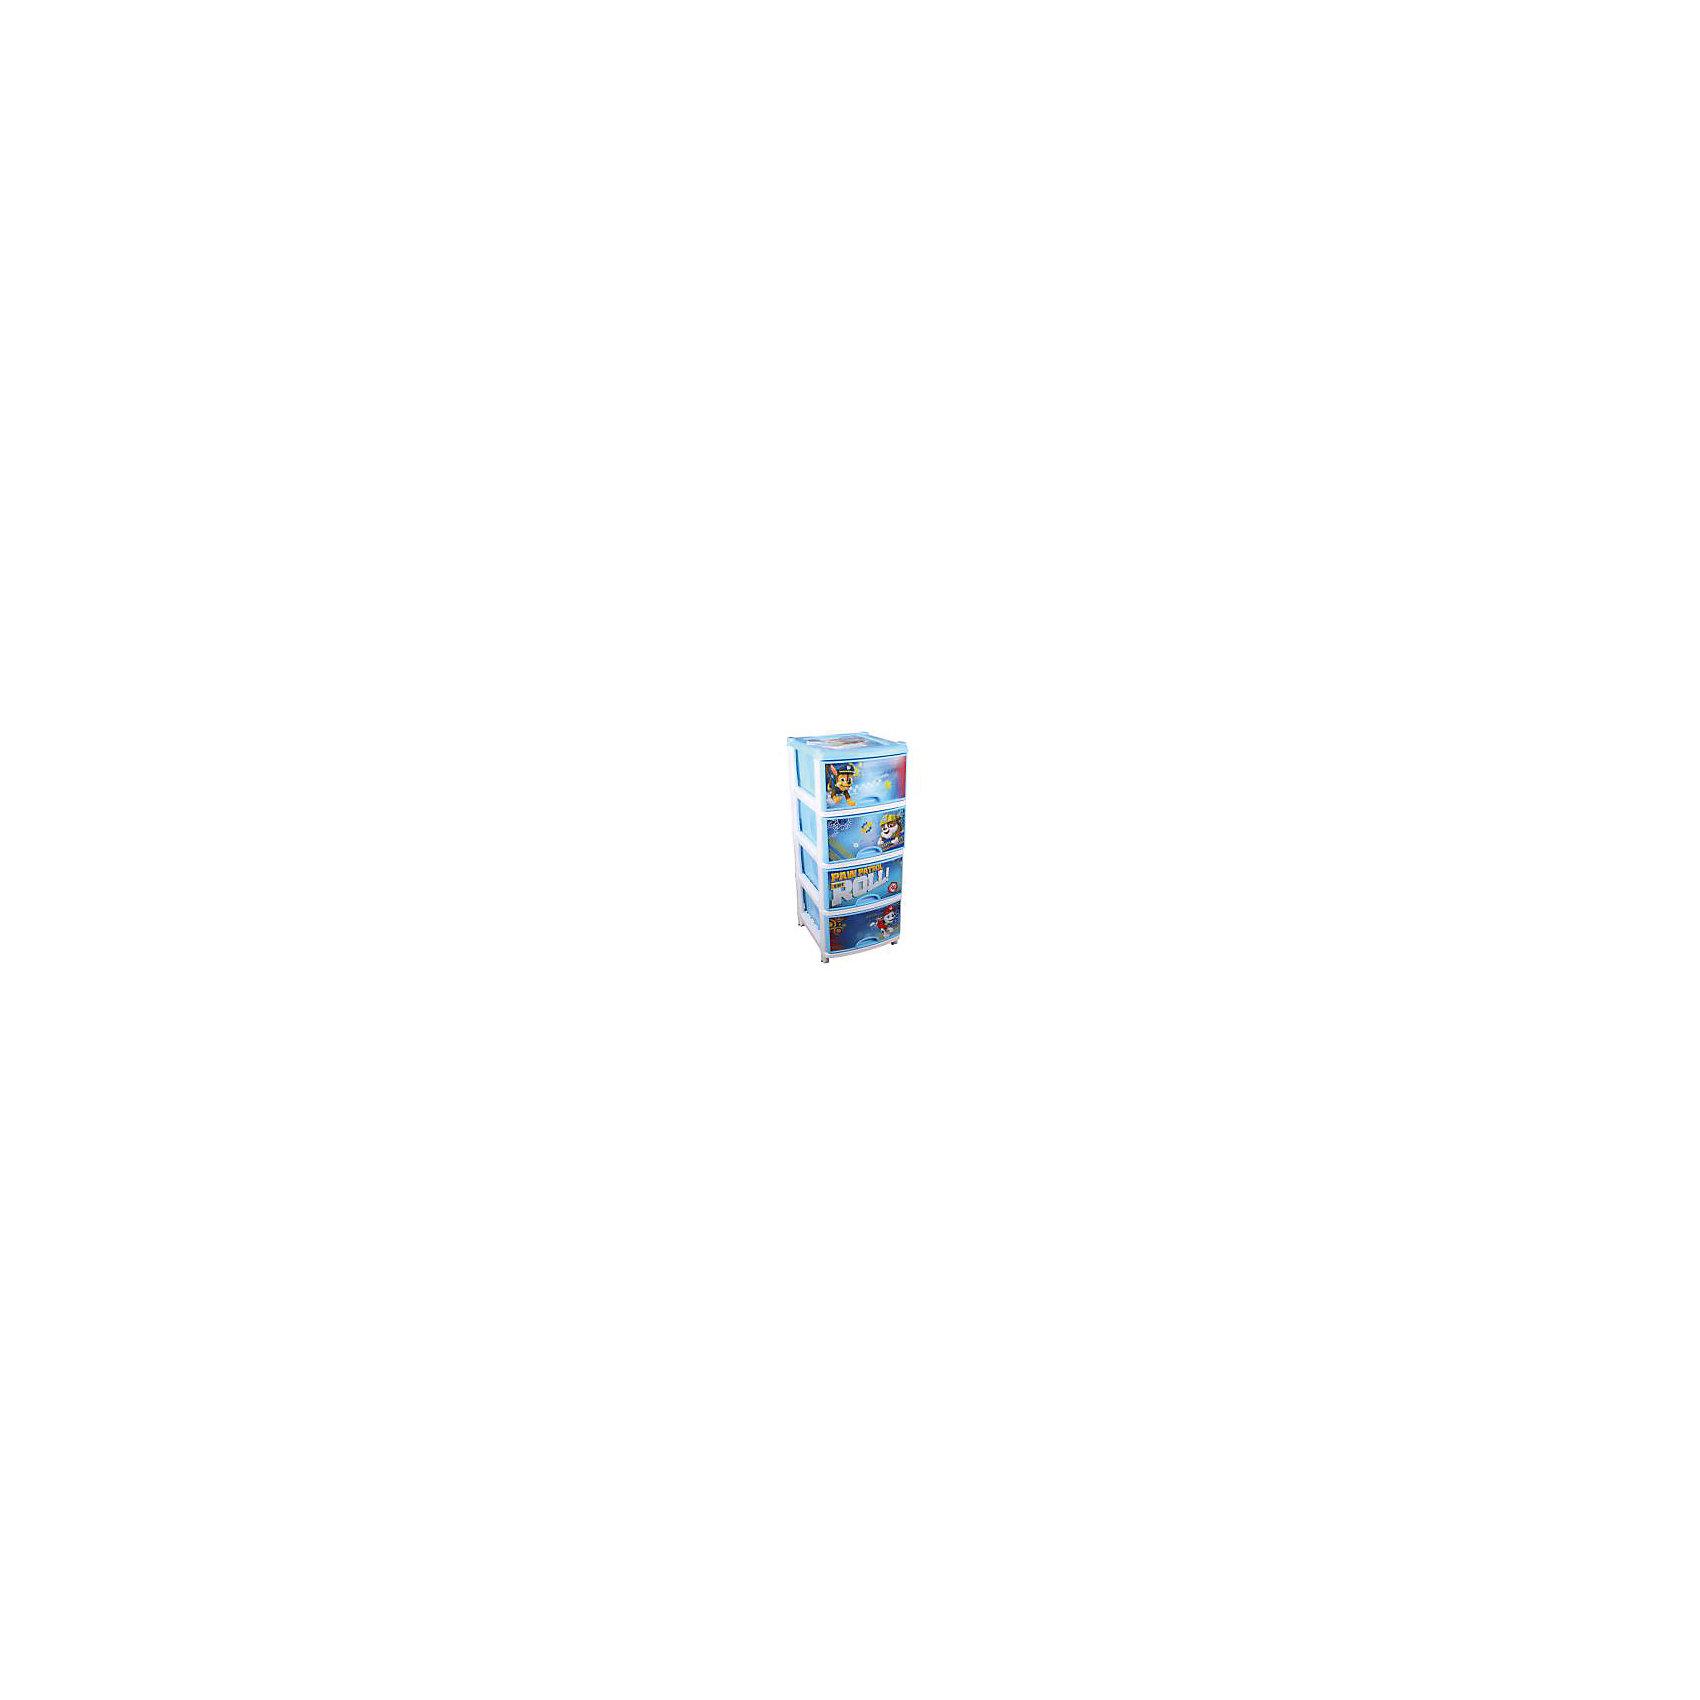 Комод Щенячий патруль №1 для мальчиков 4-х секц , AlternativaКомод Щенячий патруль №1 для мальчиков 4-х секц , Alternativa (Альтернатива)<br><br>Характеристики:<br><br>• 4 вместительных отделения<br>• удобные ручки-выемки<br>• нескользящие ножки<br>• красочное изображение героев мультфильма Щенячий патруль<br>• размер: 48х38х98 см<br>• цвет: голубой<br>• вес: 3,4 кг<br><br>Поклонники мультсериала Щенячий патруль будут в восторге от этого комода! Гонщик, Маршал и Крепыш помогут ребенку быстро собрать все предметы в игровой форме. Комод имеет четыре вместительных отделения с удобными ручками. Ножки комода не скользят. Изделие выполнено из прочного пластика с ярким изображением героев мультфильма.<br><br>Комод Щенячий патруль №1 для мальчиков 4-х секц , Alternativa (Альтернатива) можно купить в нашем интернет-магазине.<br><br>Ширина мм: 480<br>Глубина мм: 380<br>Высота мм: 980<br>Вес г: 3400<br>Возраст от месяцев: 36<br>Возраст до месяцев: 1188<br>Пол: Мужской<br>Возраст: Детский<br>SKU: 5475642